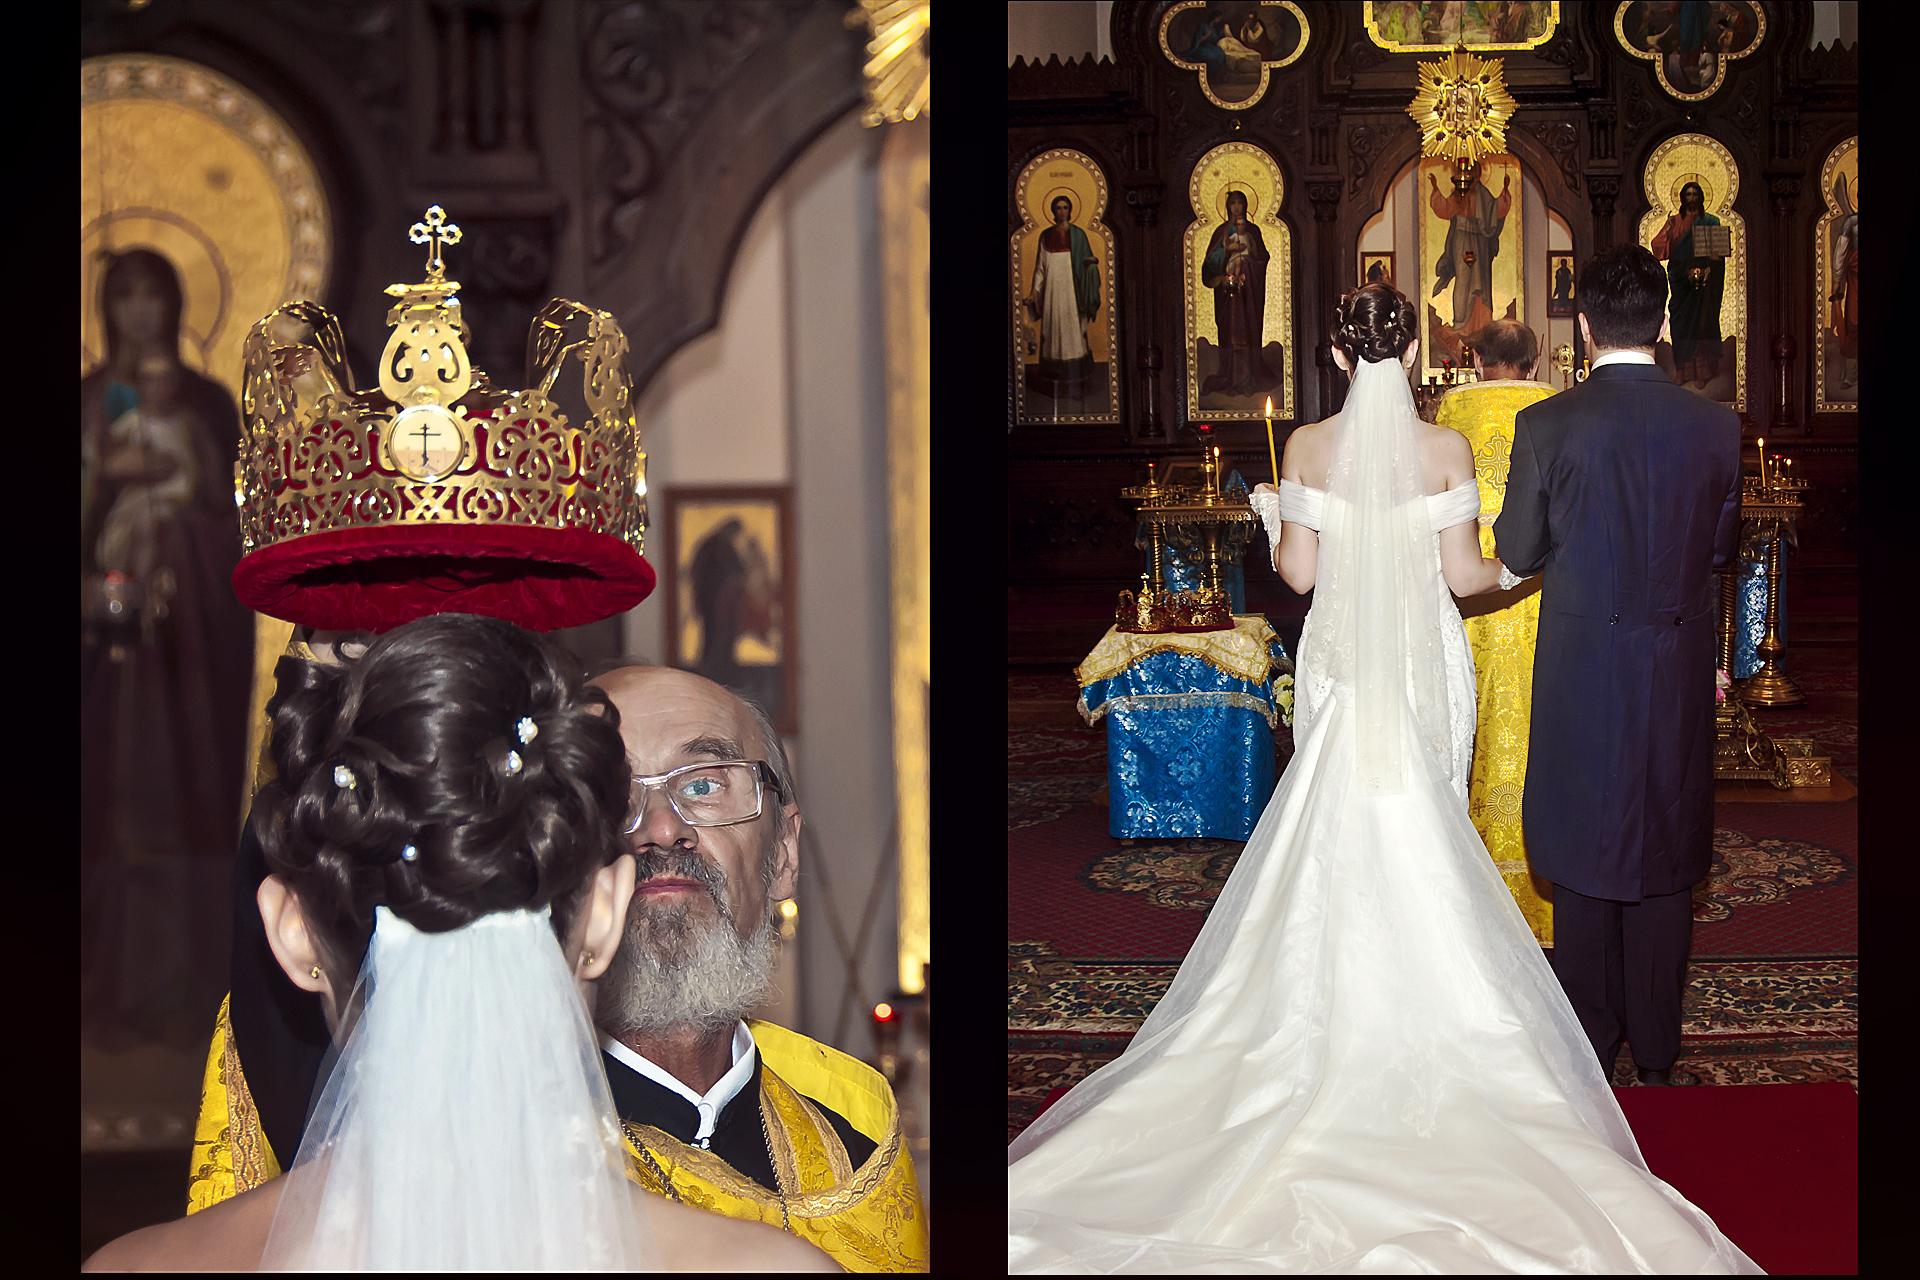 Russisch Orthodoxe Kirche Fotografen - Hochzeitsfotograf